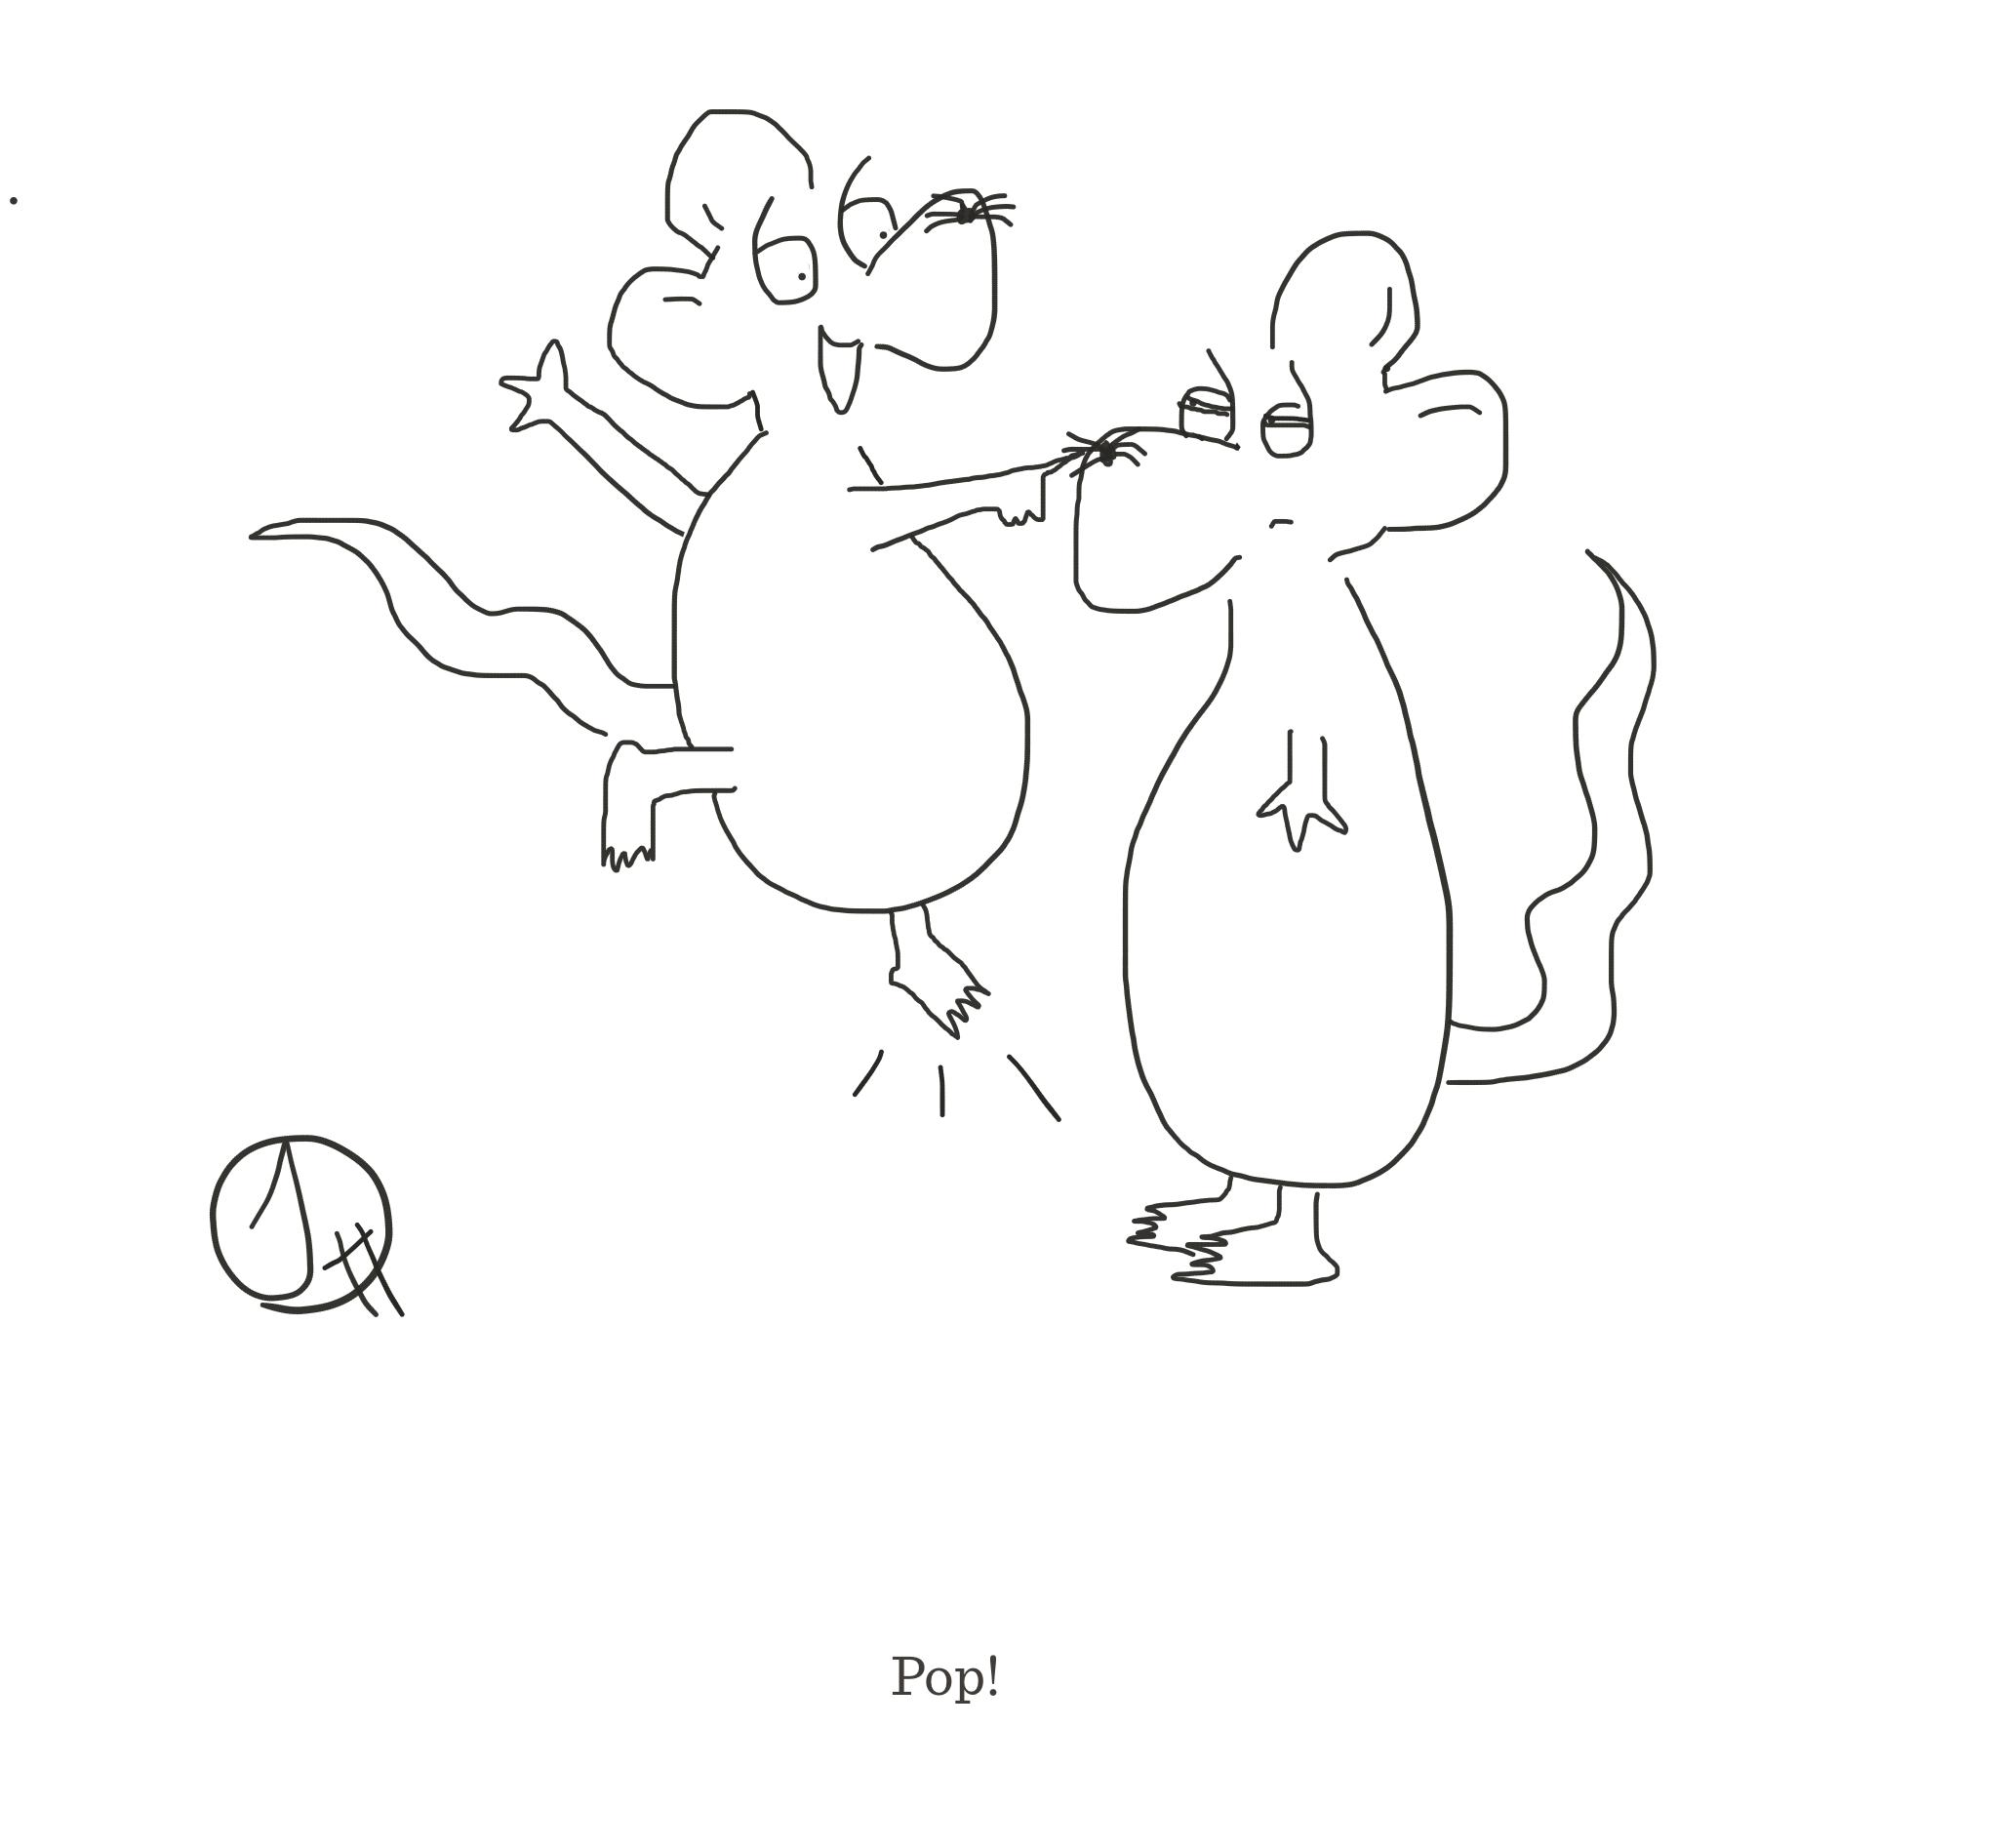 Pop!, The Happy Rat cartoon